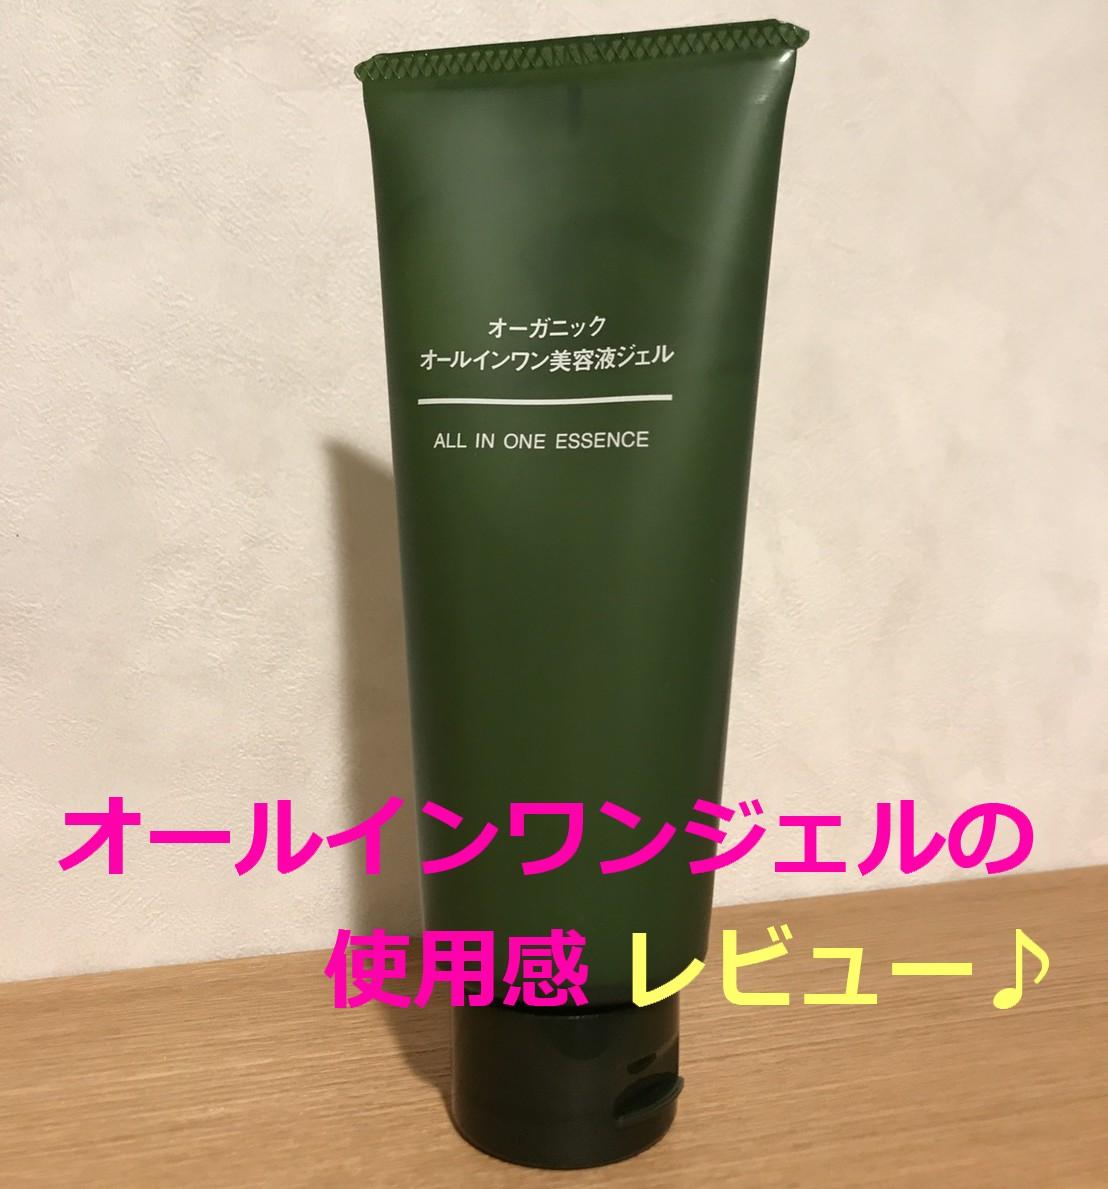 無印良品の美容液 敏感肌用薬用美白美容液を使ったクチコミ